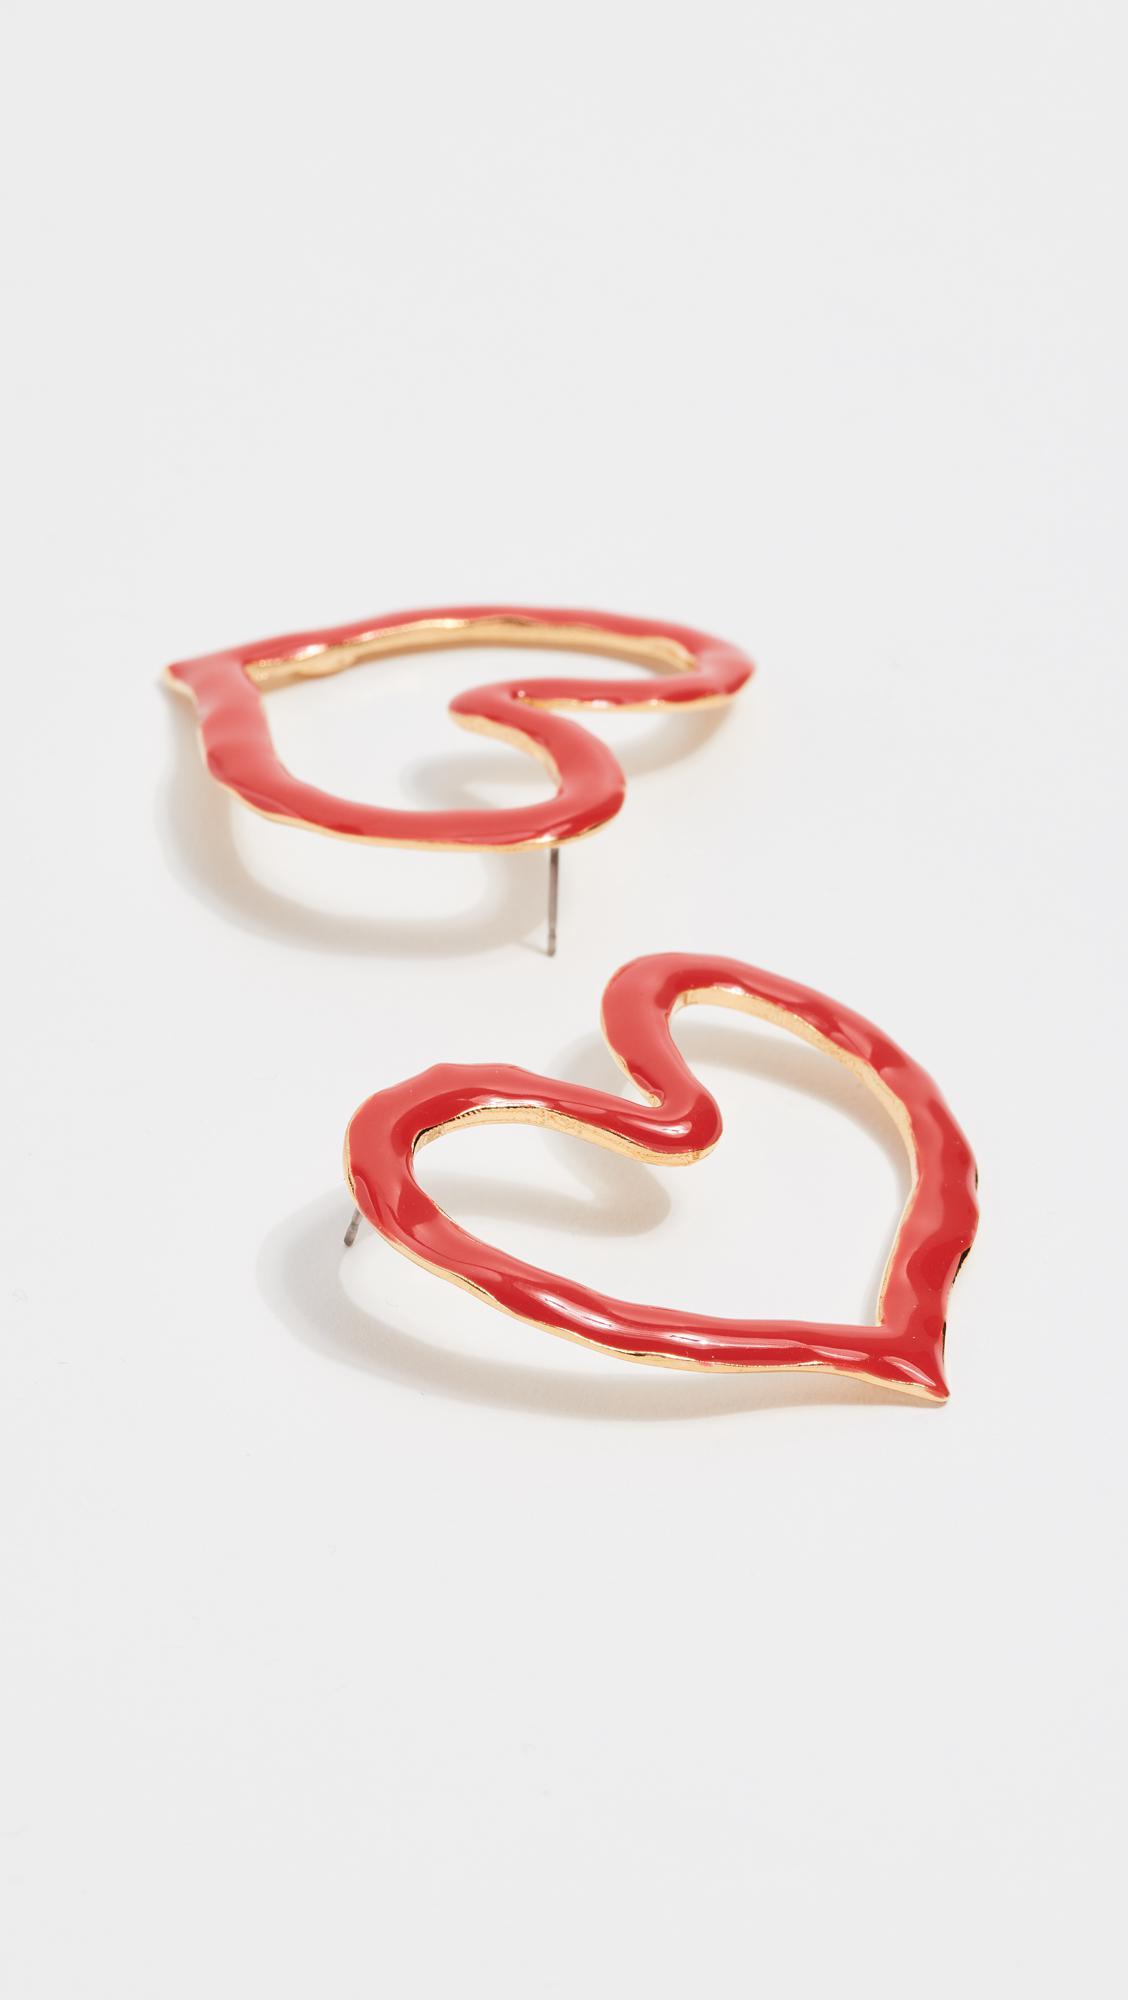 painted heart earrings - Red Oscar De La Renta CschW